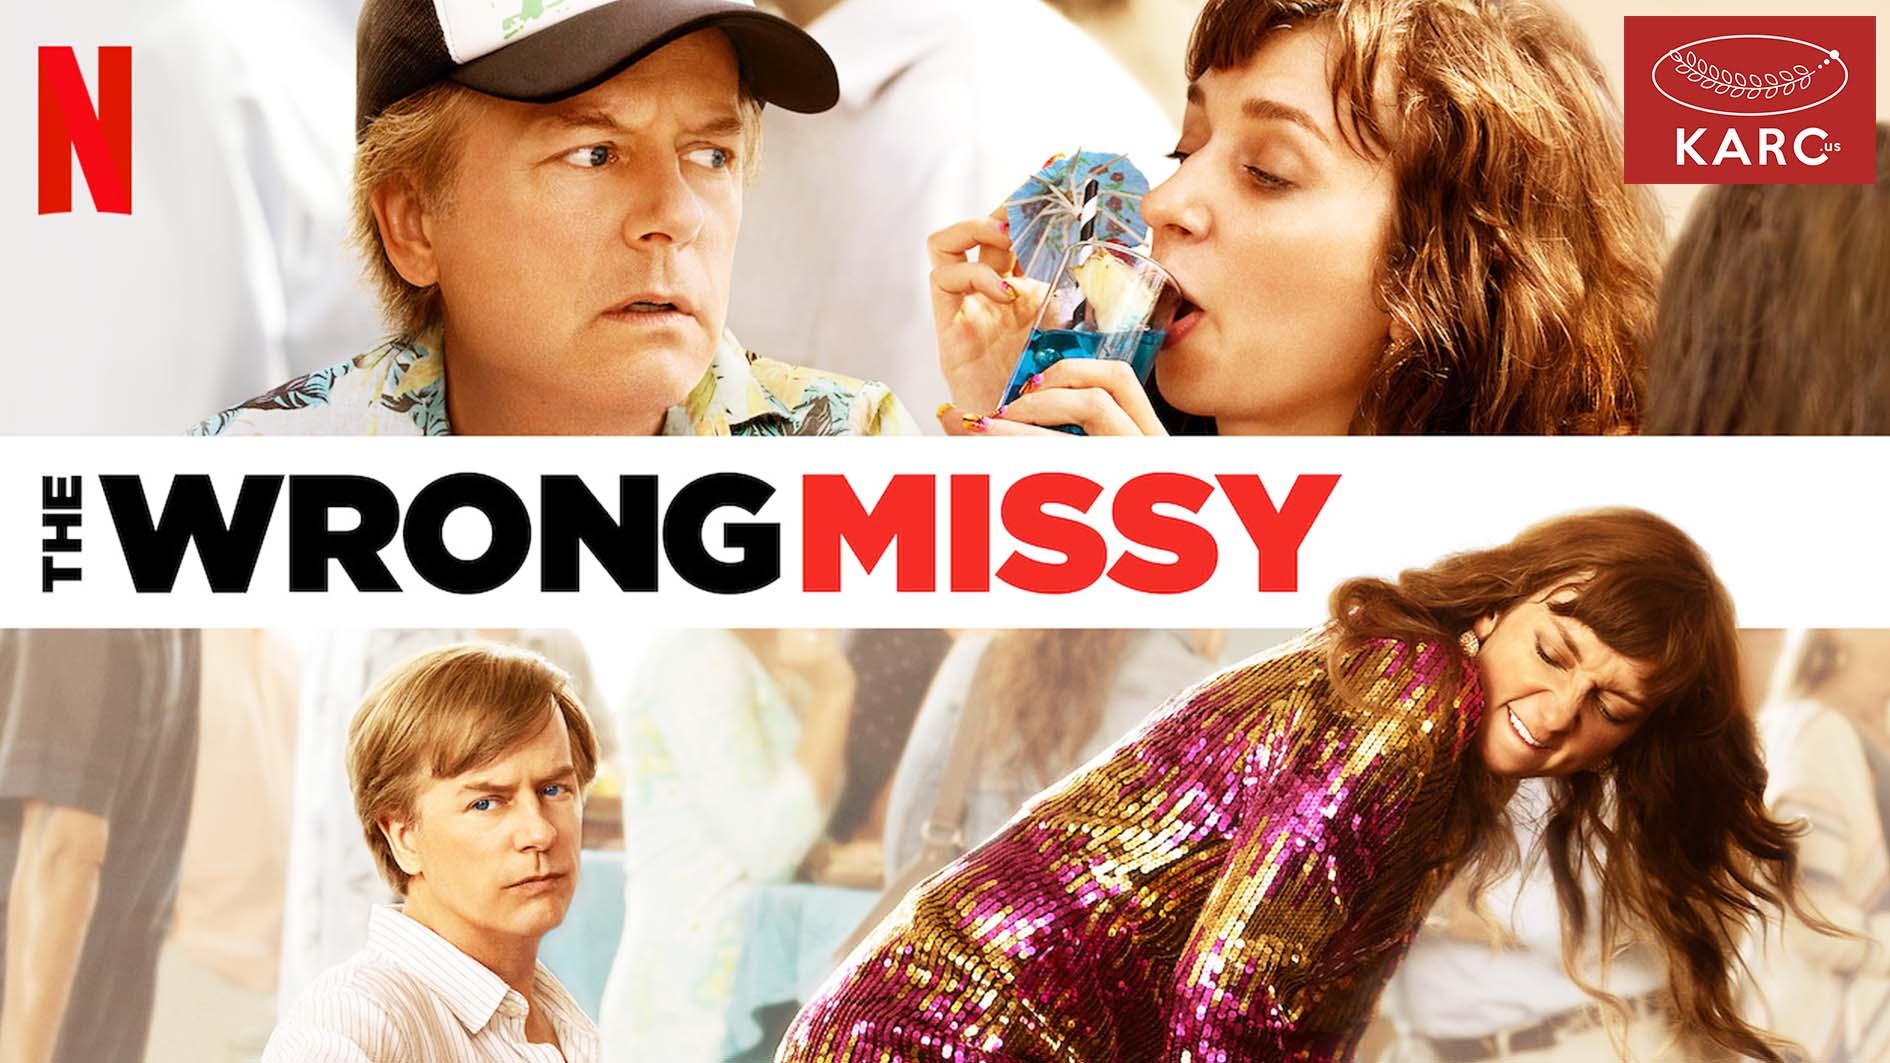 รีวิวหนัง Netflix The Wrong Missy มิสซี่ สาวในฝัน ร้าย.. karc.us , วงการภาพยนต์ , แนะนำหนังดี , แนะนำหนังน่าดูหนังน่าดู , รีวิวหนังใหม่ , ก่อนตายต้องได้ดู! , ข่าวดารา , ข่าวเด่นประเด็นร้อน , รีวิวหนังใหม่ , หนังดังในอดีต